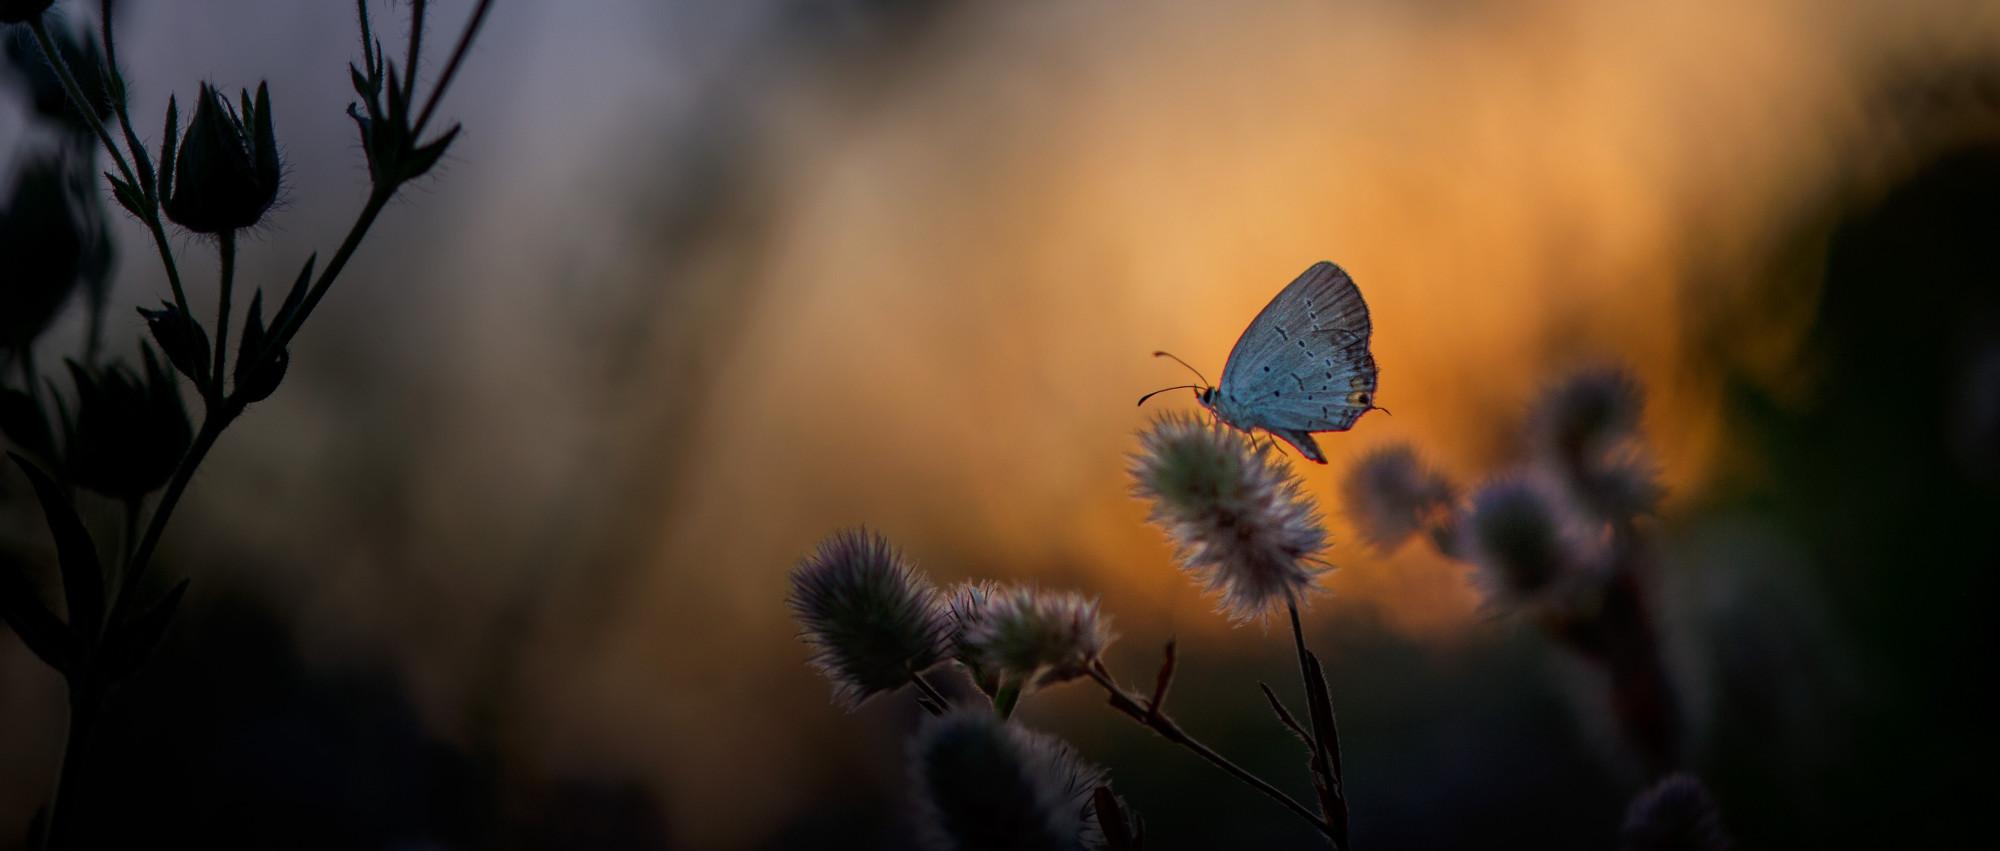 Se non cambiasse mai nulla, non ci sarebbero le farfalle.